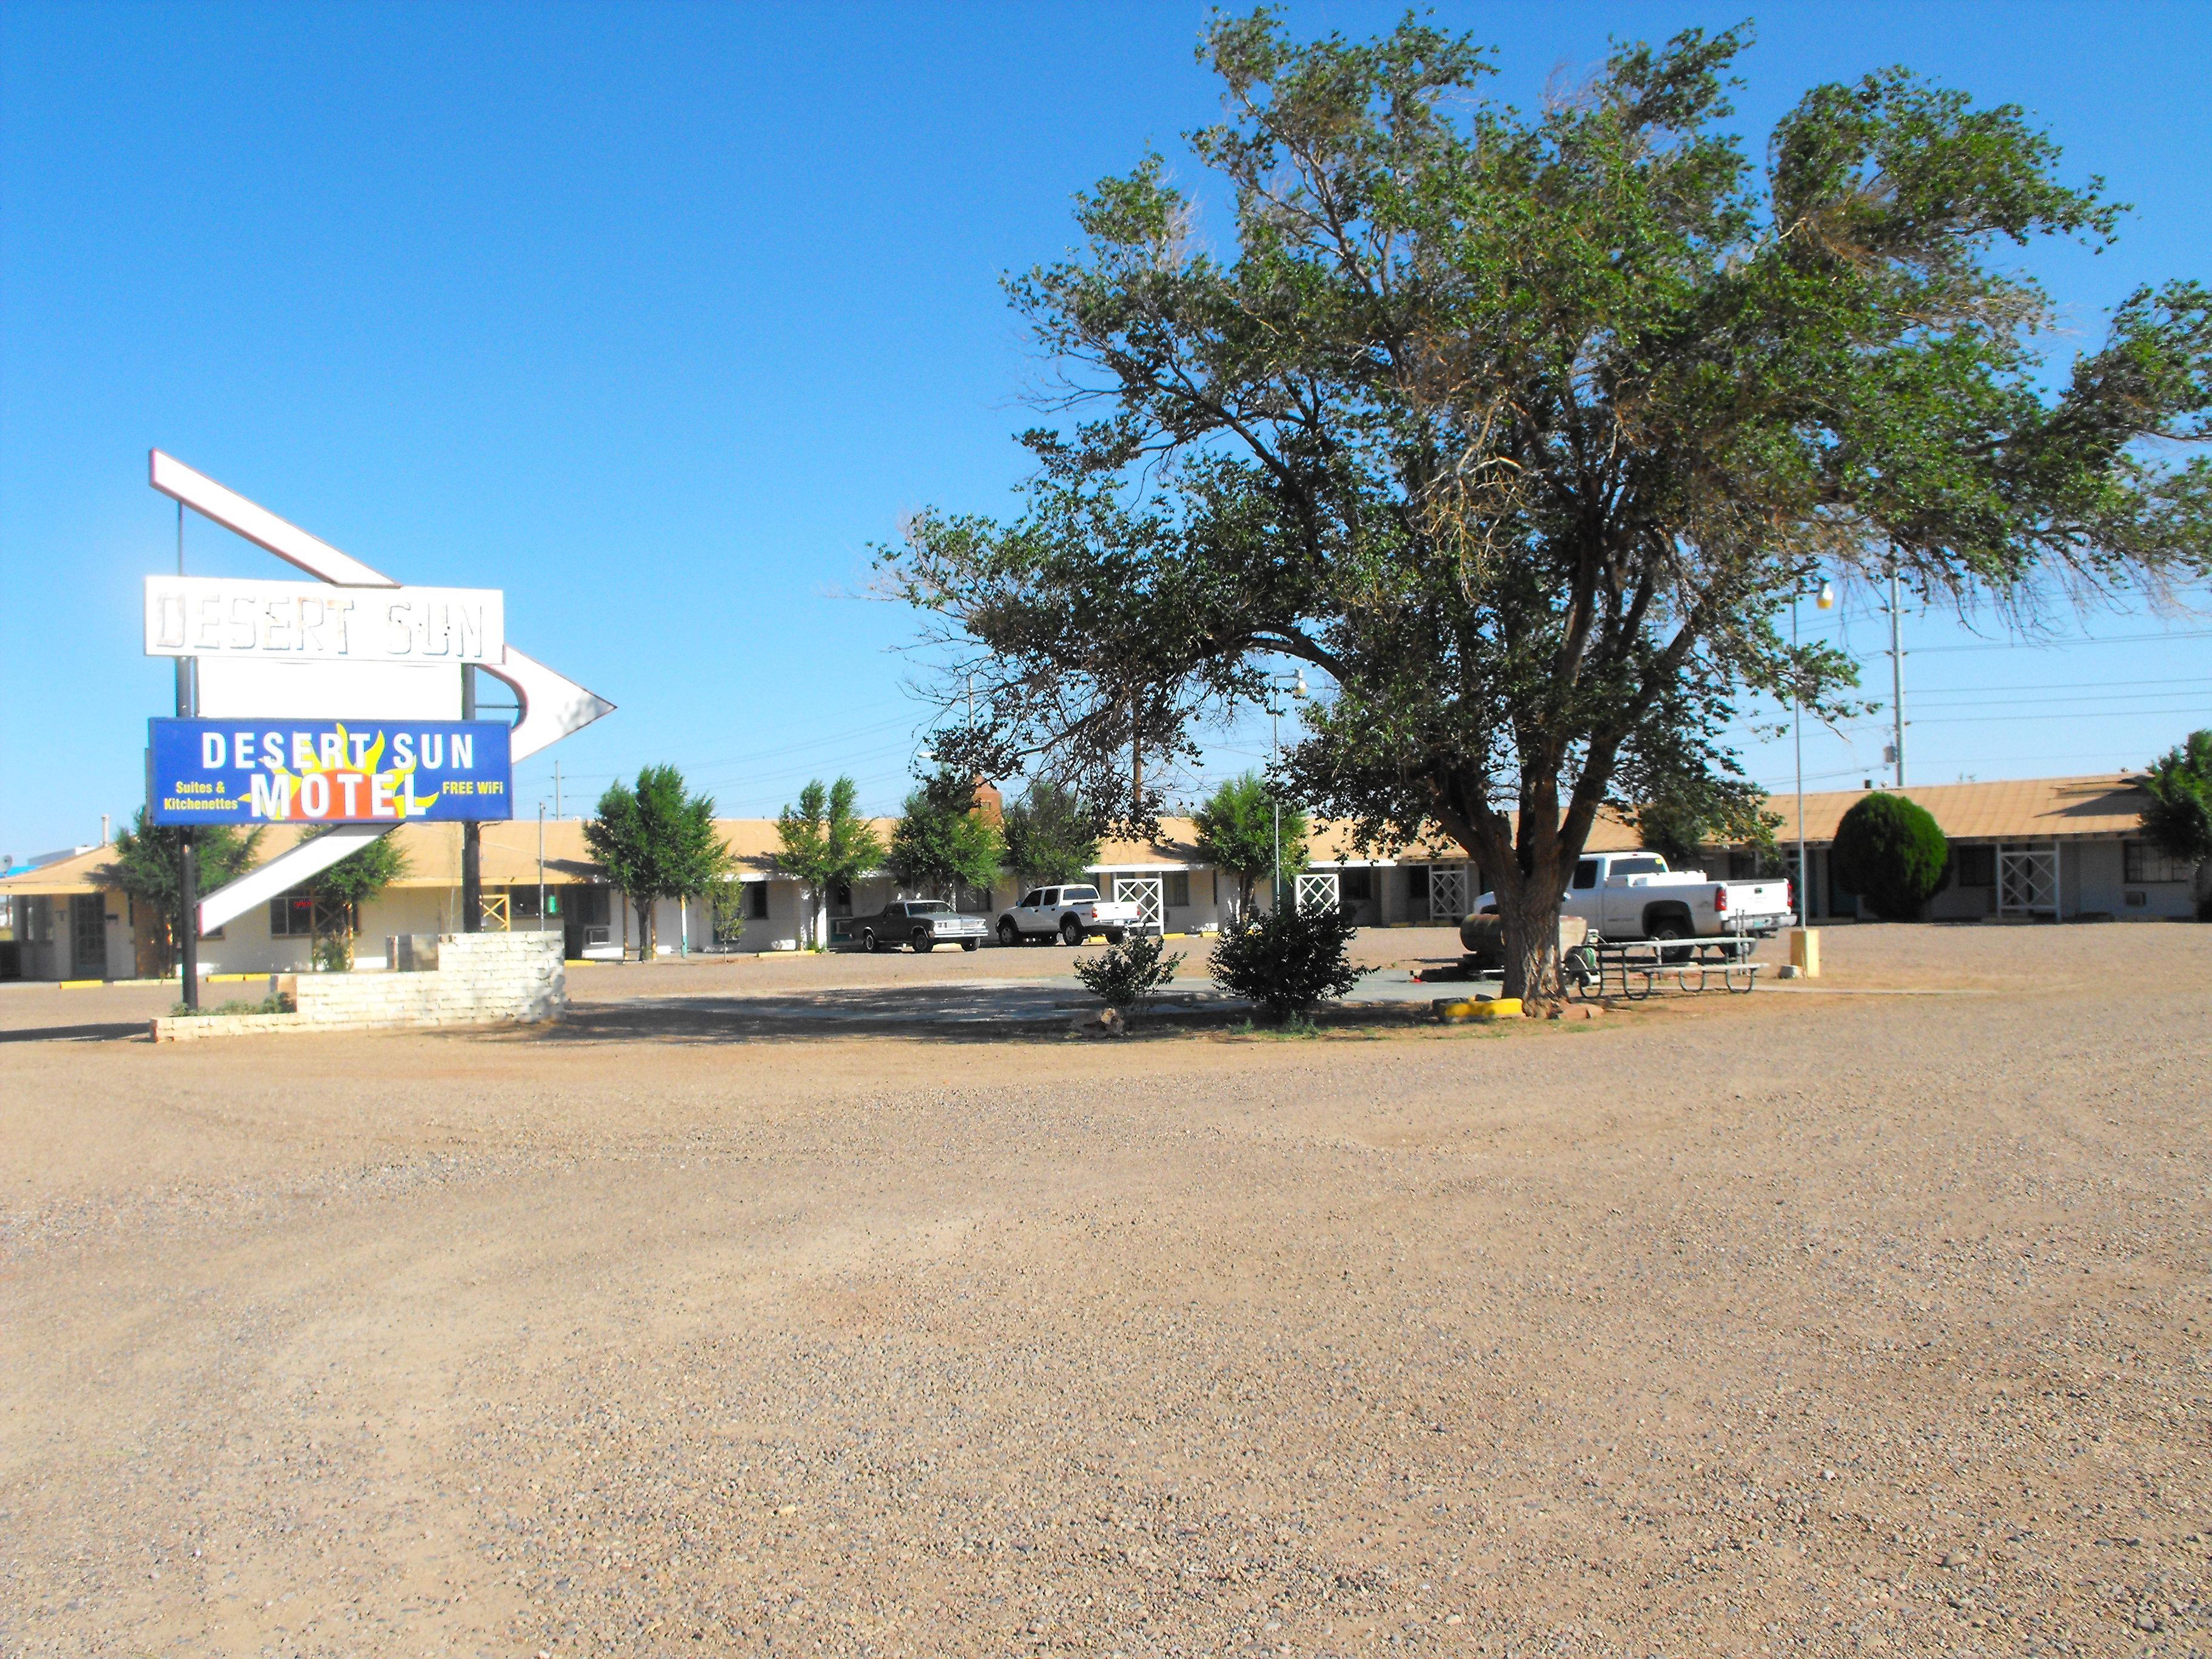 Desert Sun Motel